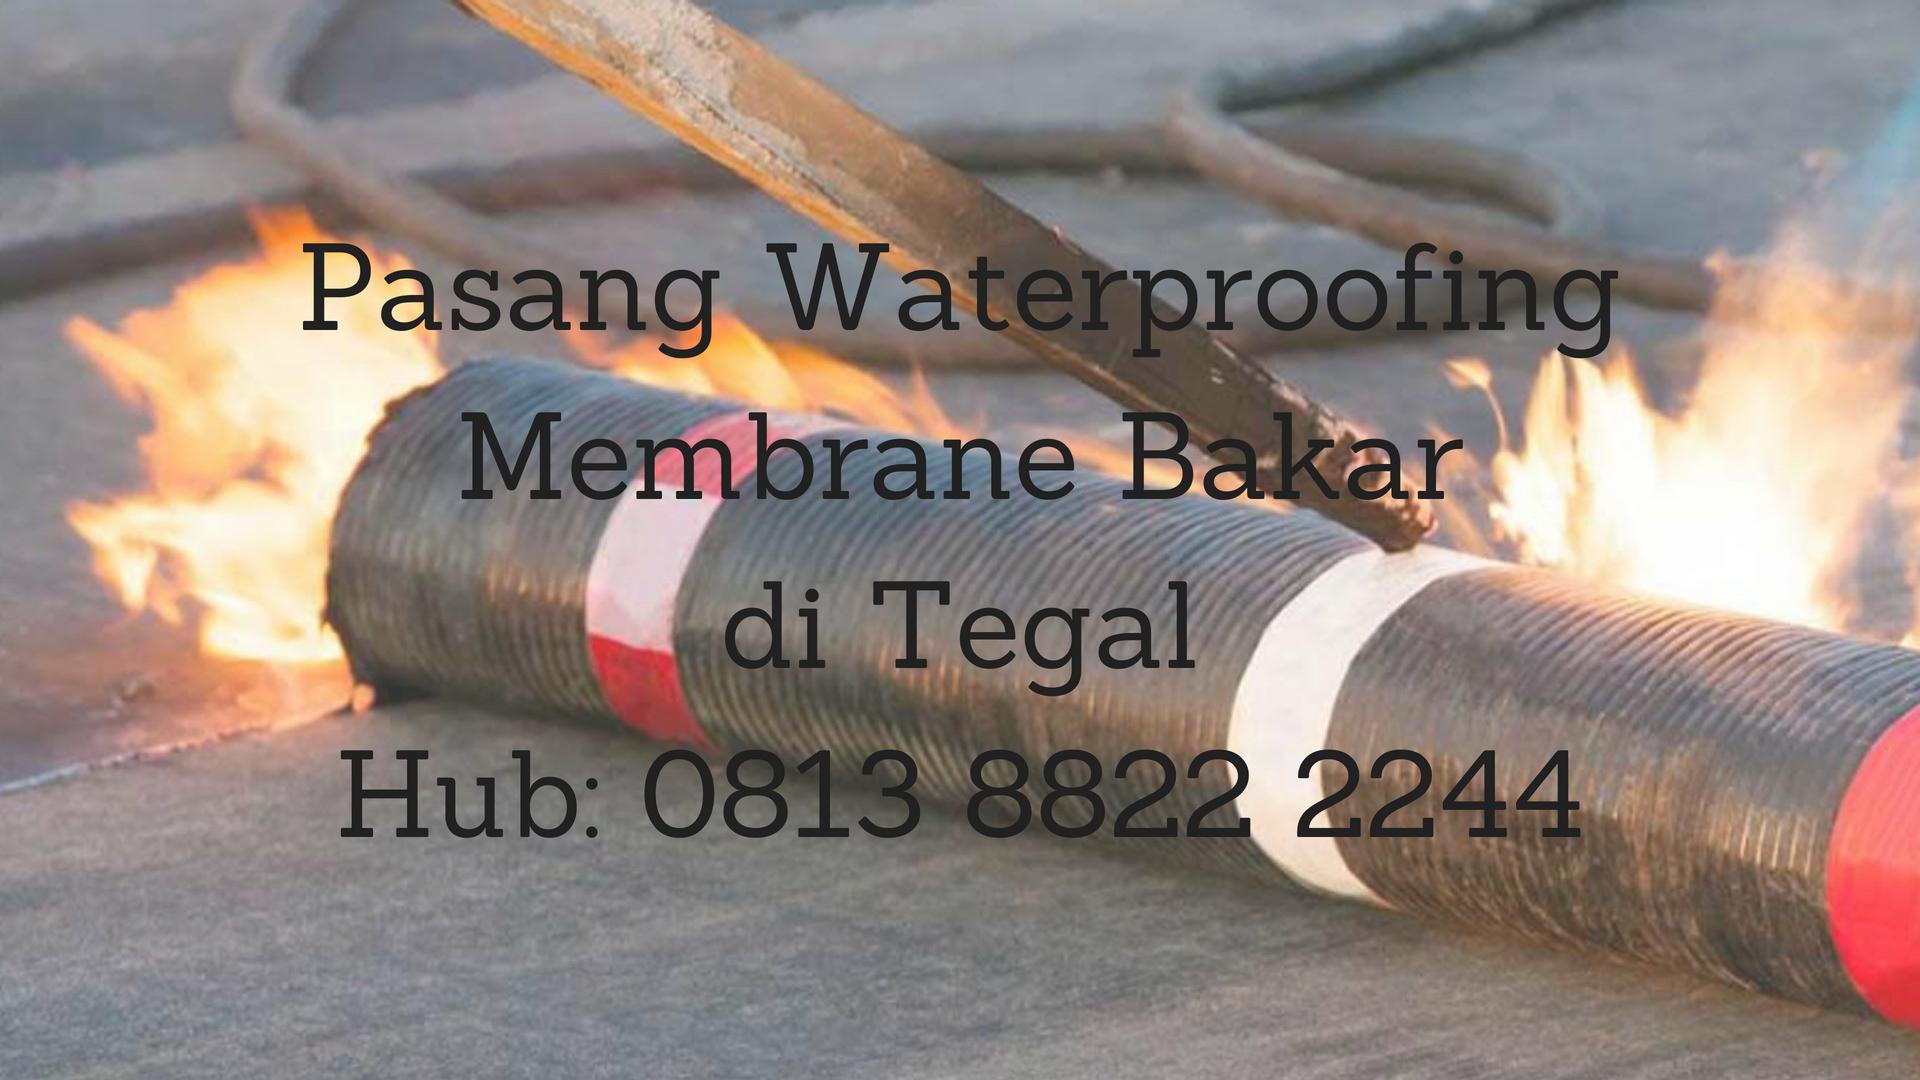 PASANG WATERPROOFING MEMBRANE BAKAR DI TEGAL.  HUB : 0813 8822 2244